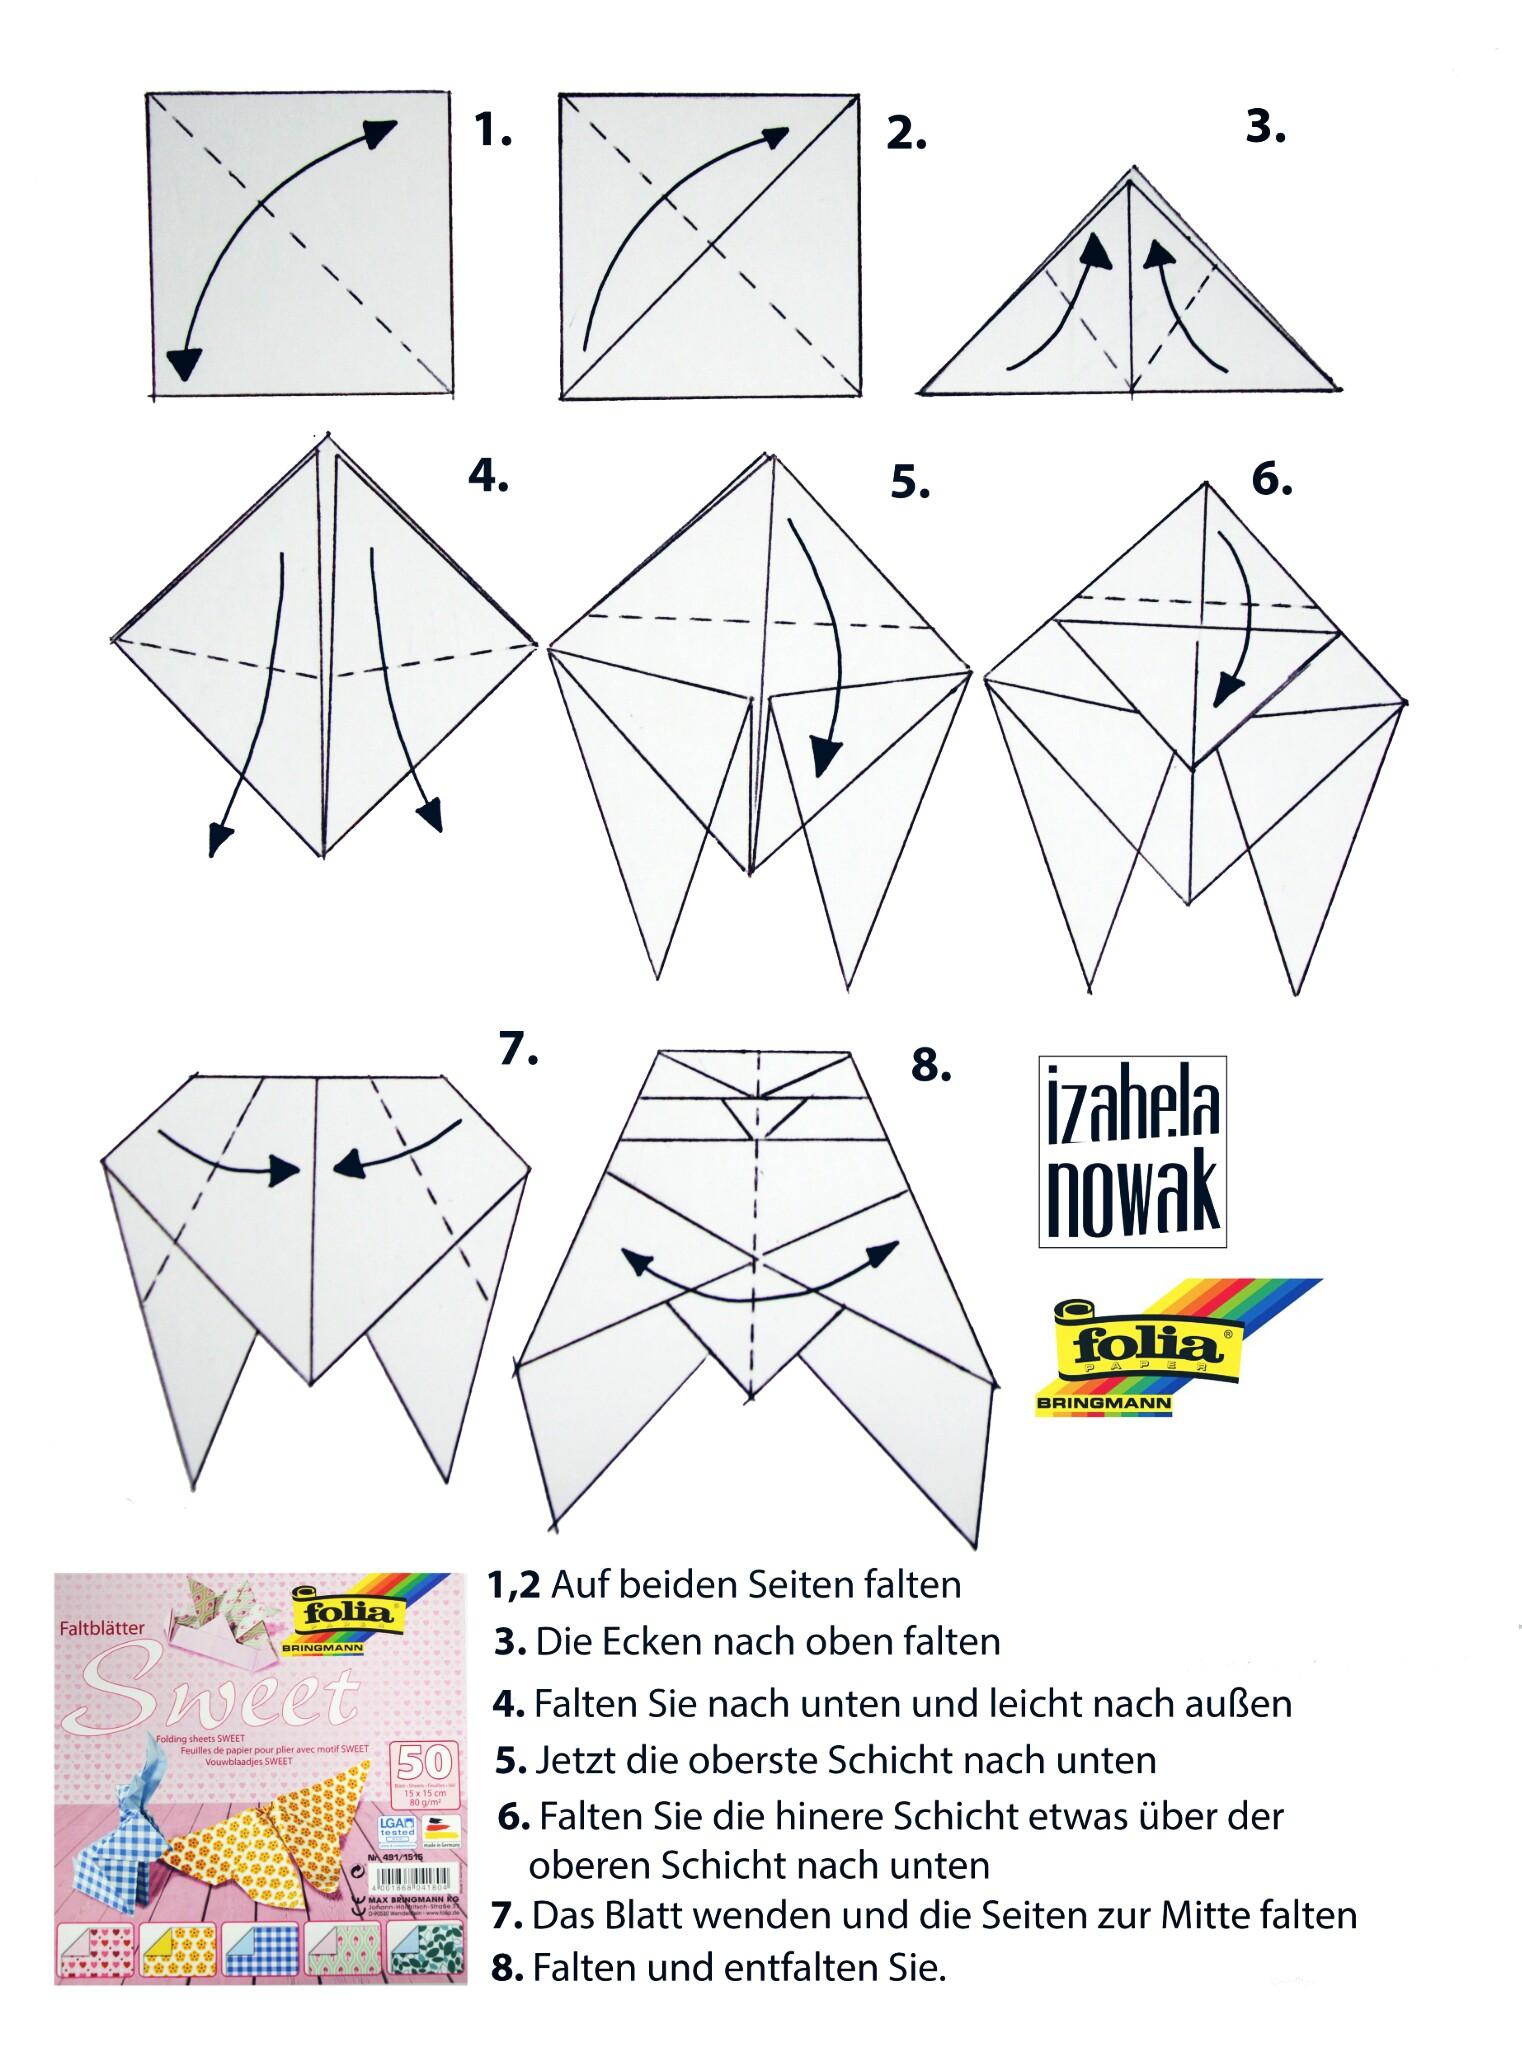 Origami_Izabela Nowak2